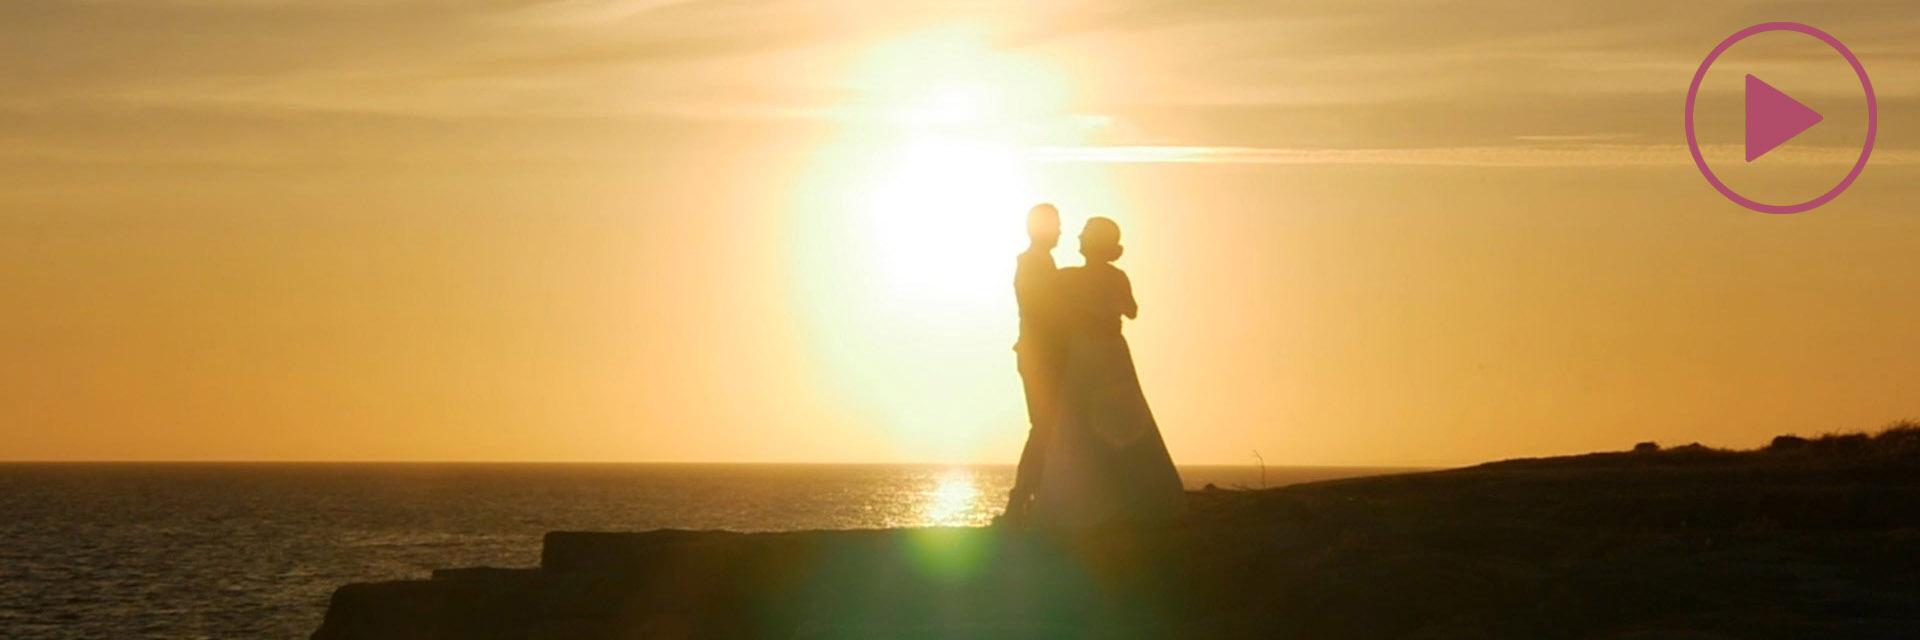 Aurélie & Pranab : Leur film de mariage à Lorient (clip best of)